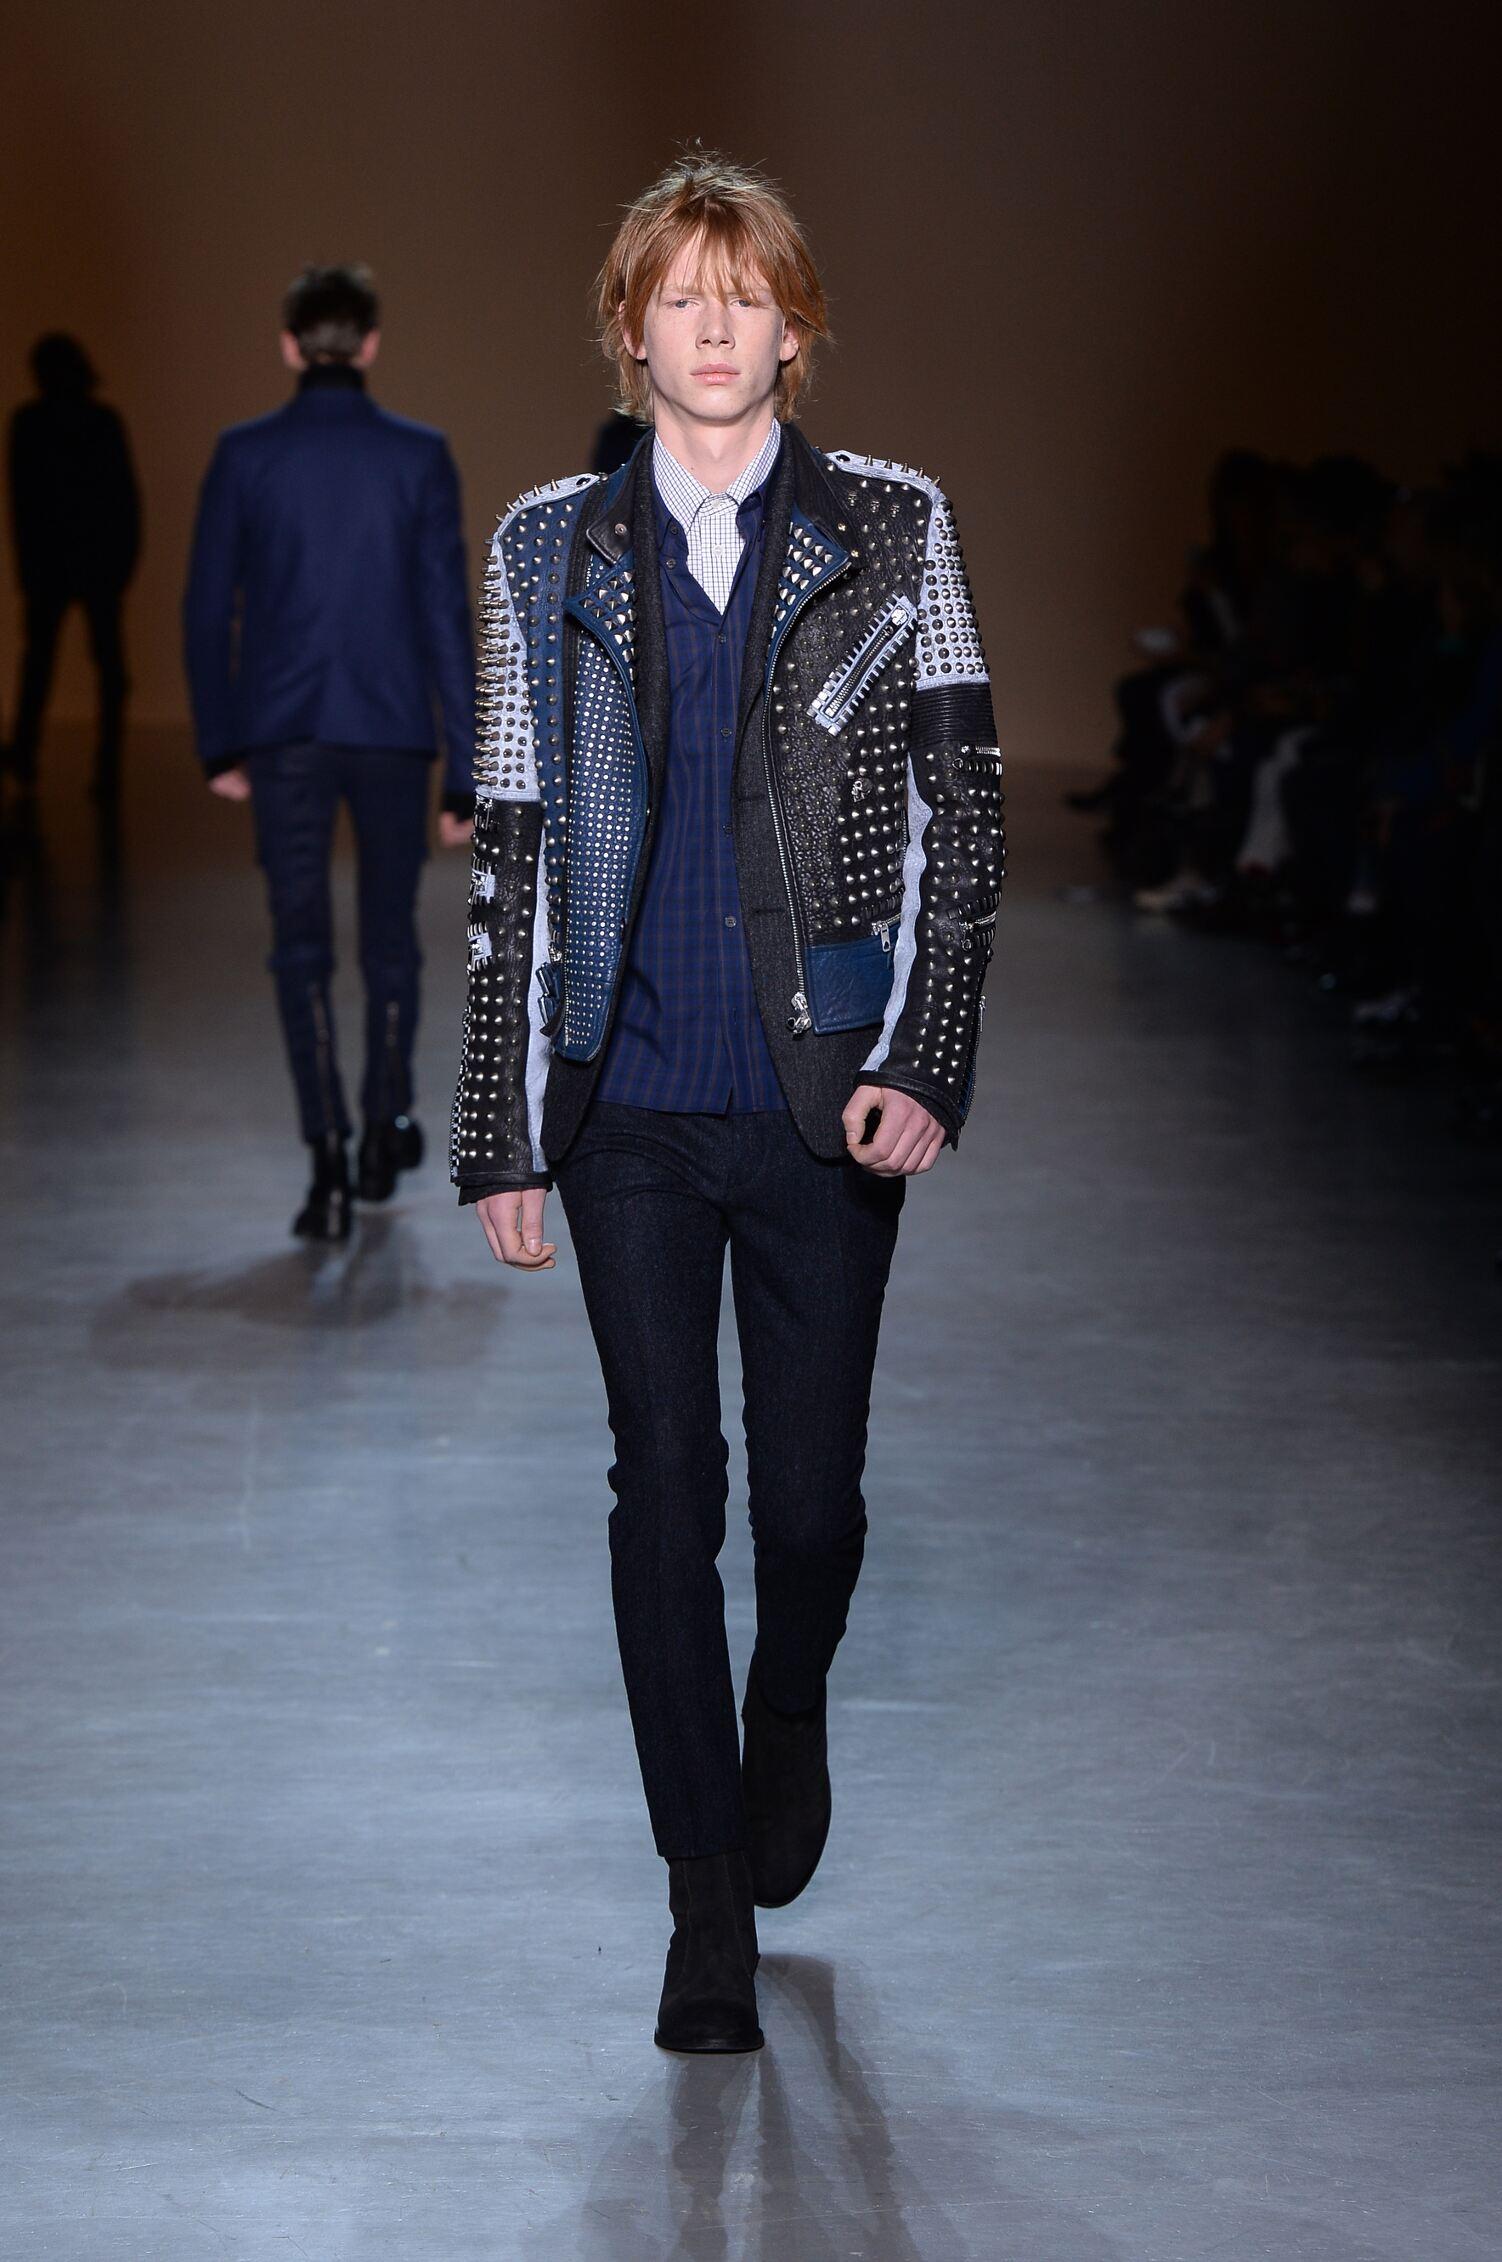 Winter 2015 Fashion Trends Diesel Black Gold